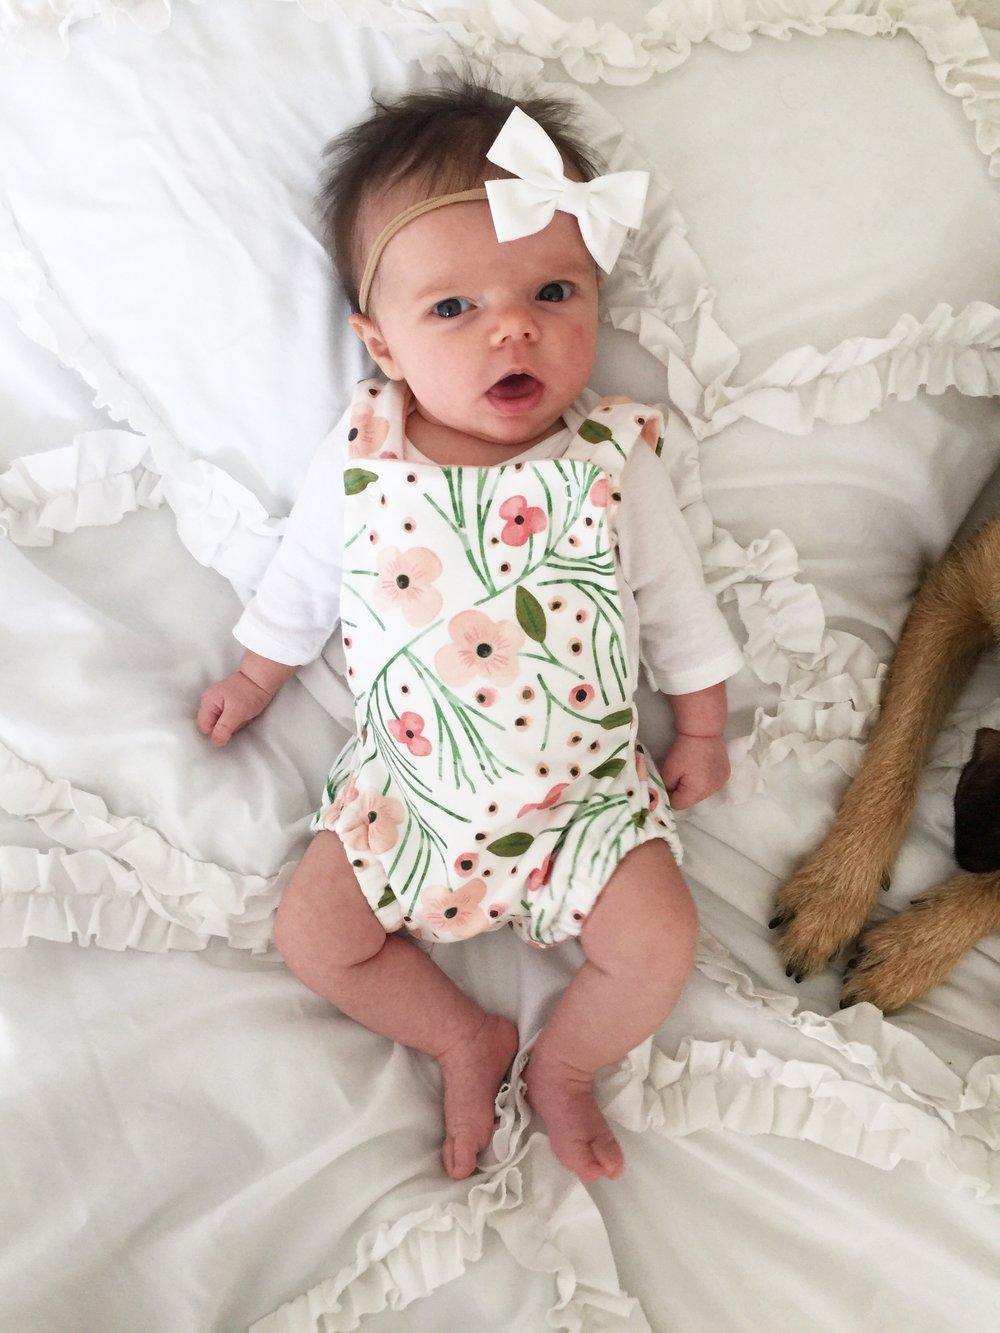 Cutest baby onesie!